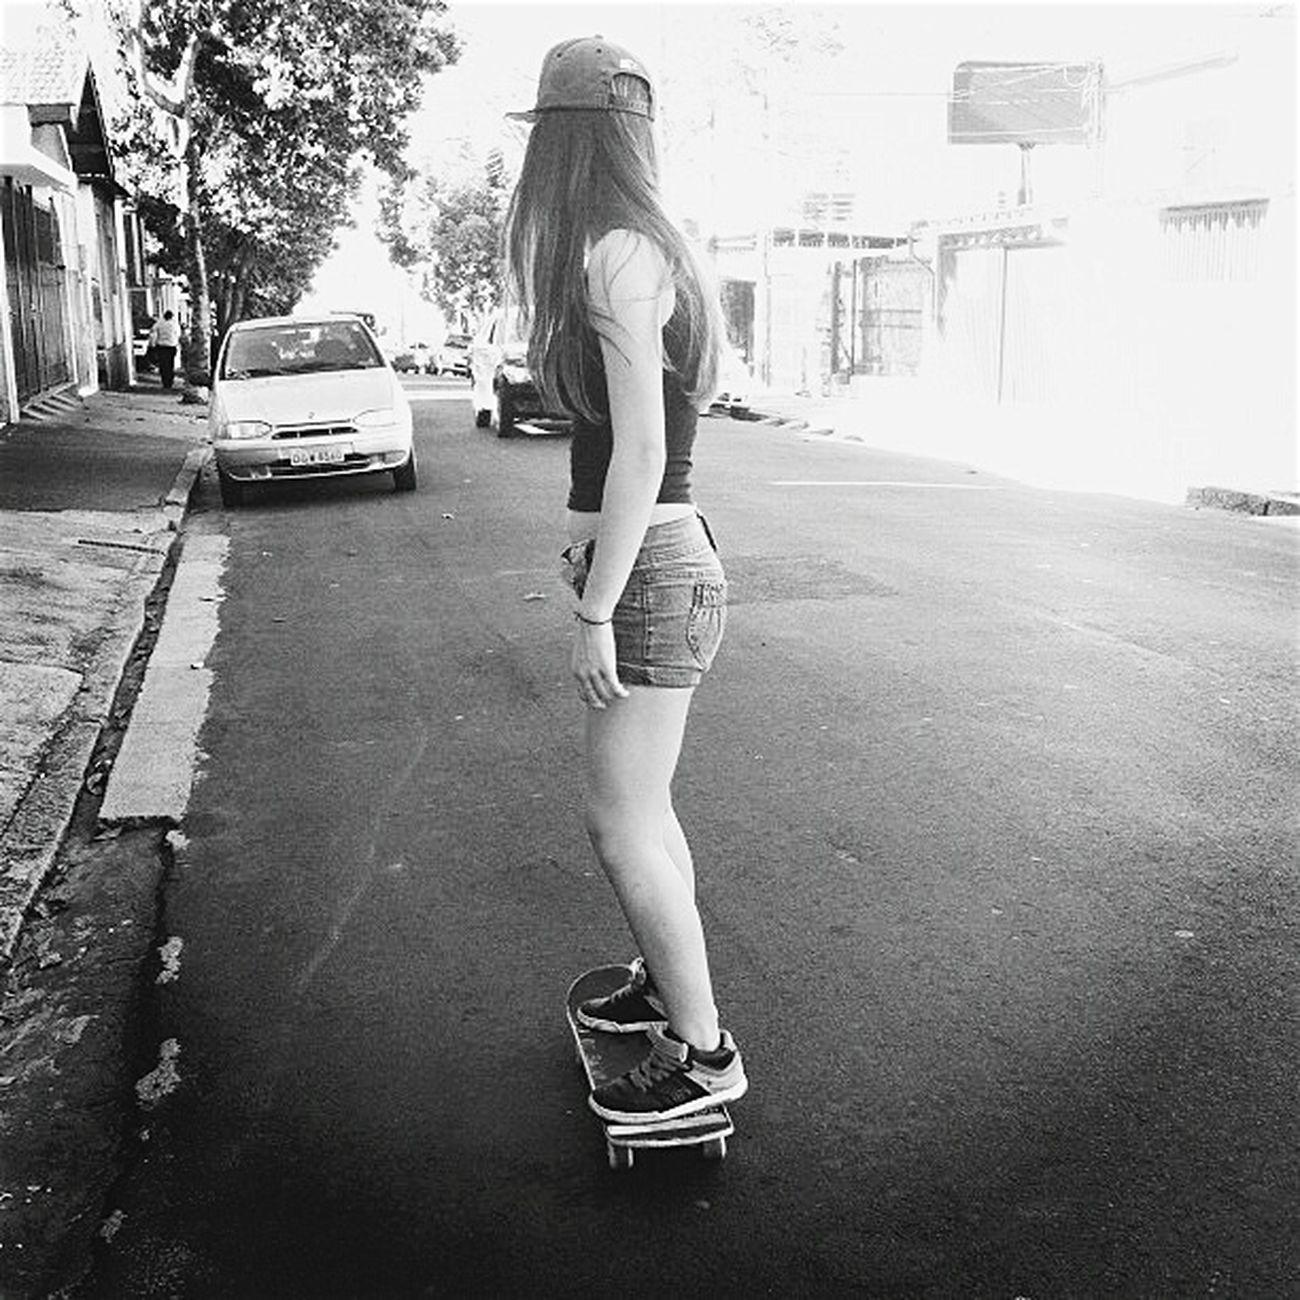 Skateboarding Ontheroad Girl Blackandwhite Sakateboard Street Black & White Skategirl Lifestyle